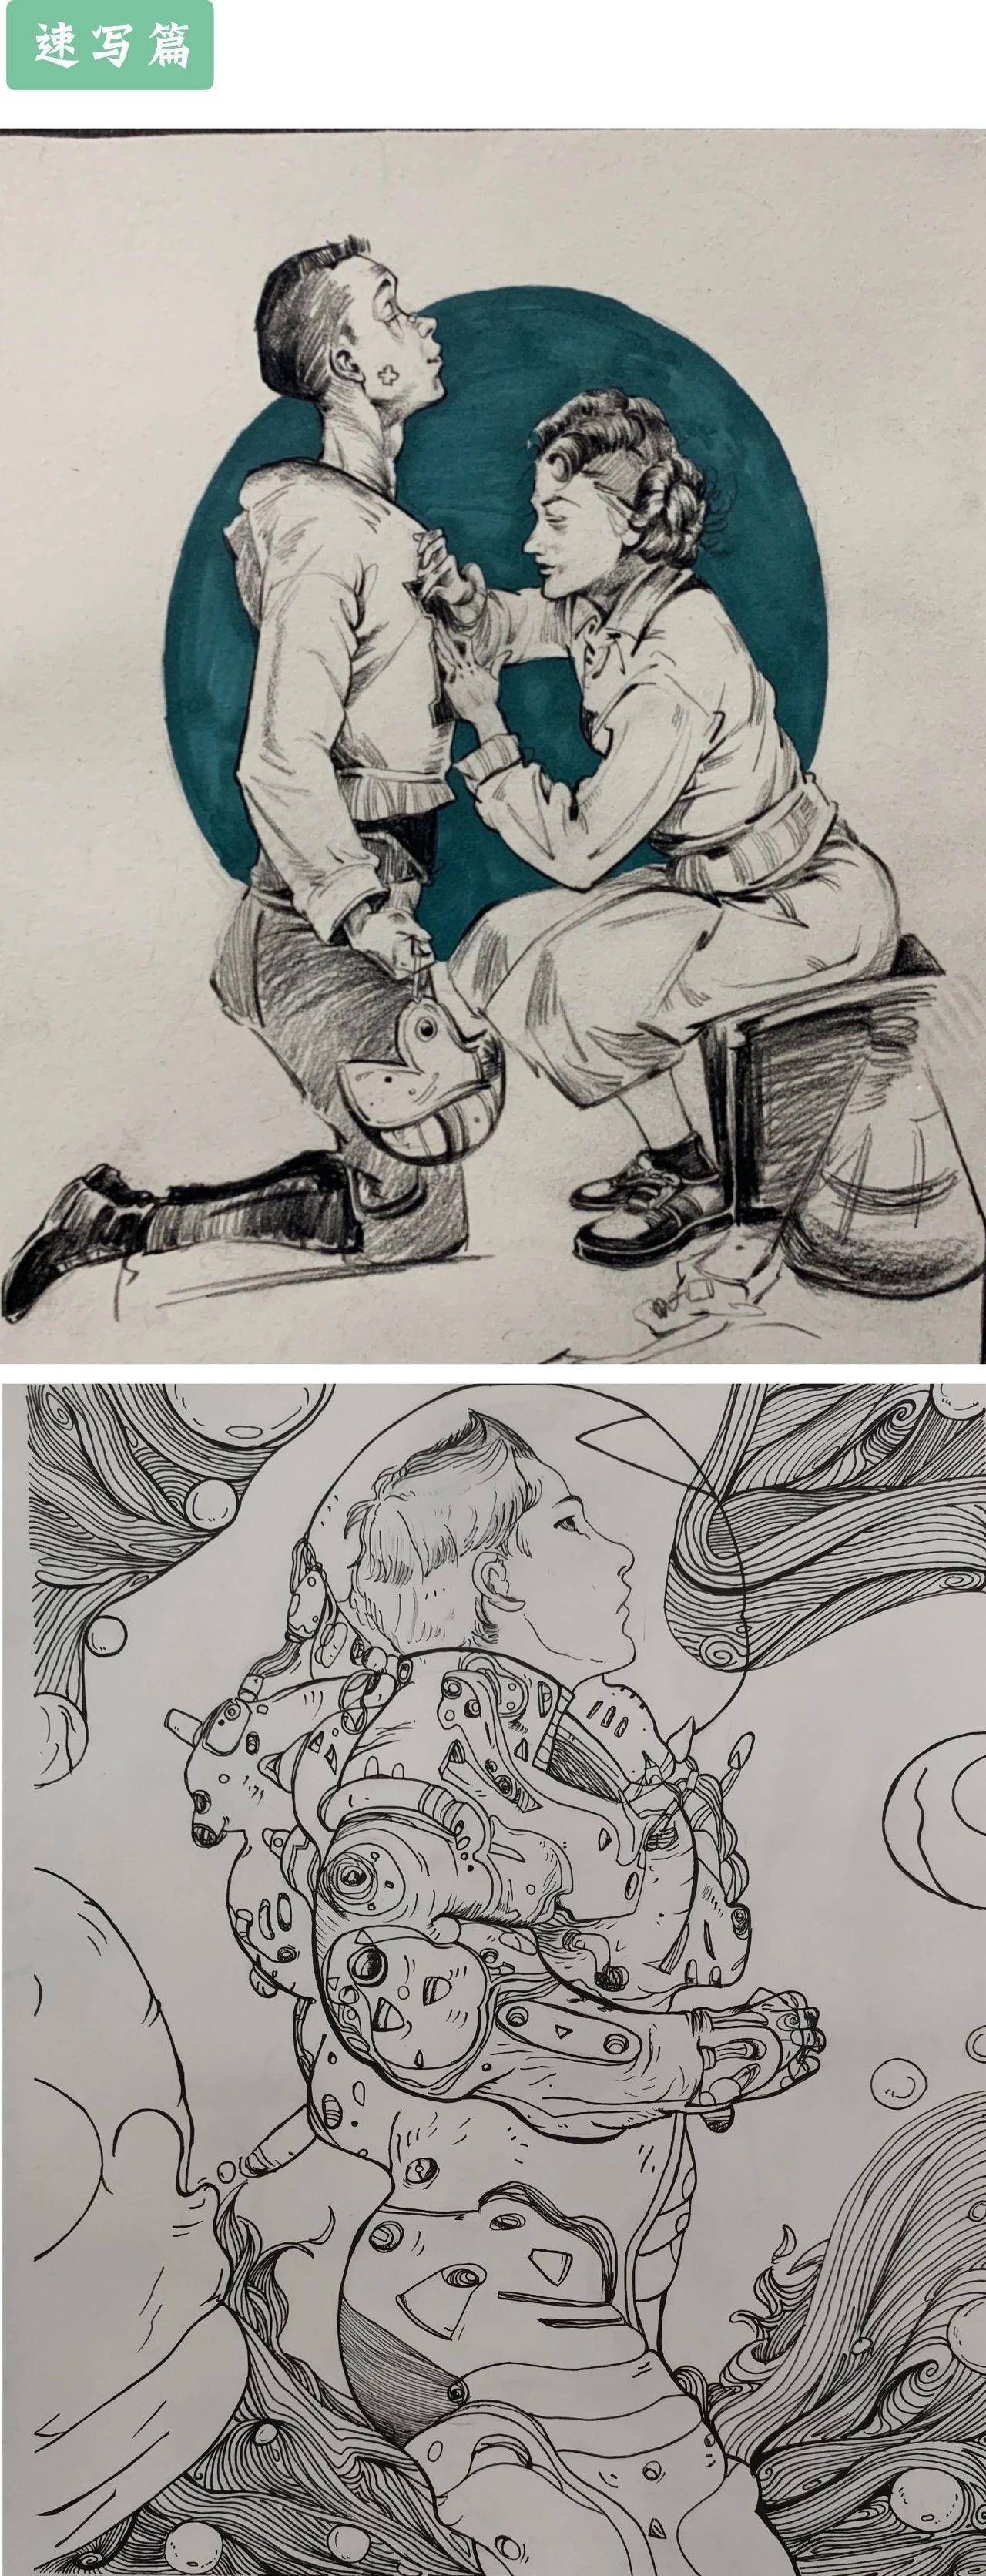 重庆画室速写作品